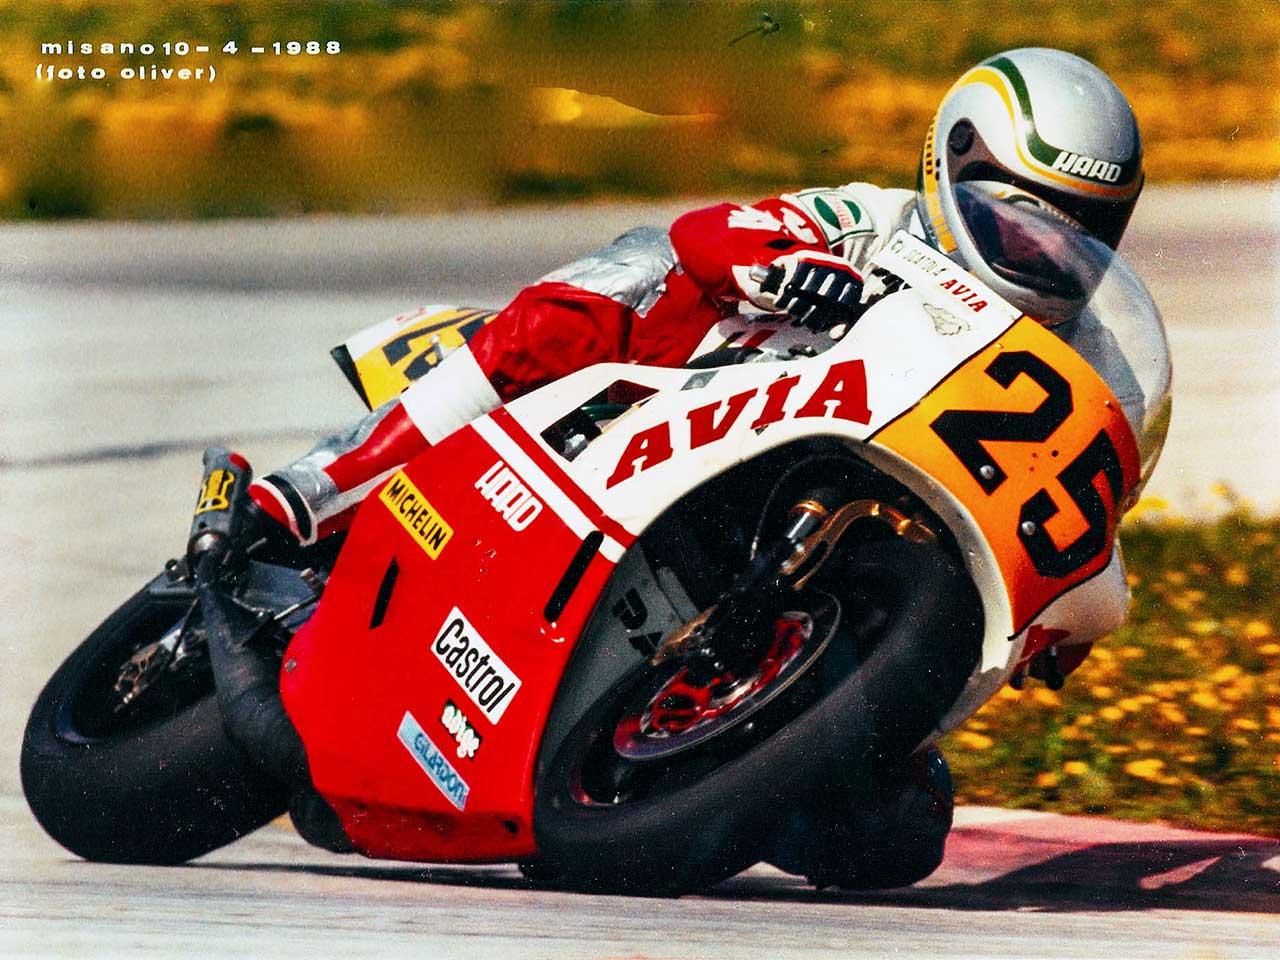 Paton_Storia-Anni80_Vittorio-Scatola_Misano-Adriatico_Campionato-Europeo-classe-500cc_1988